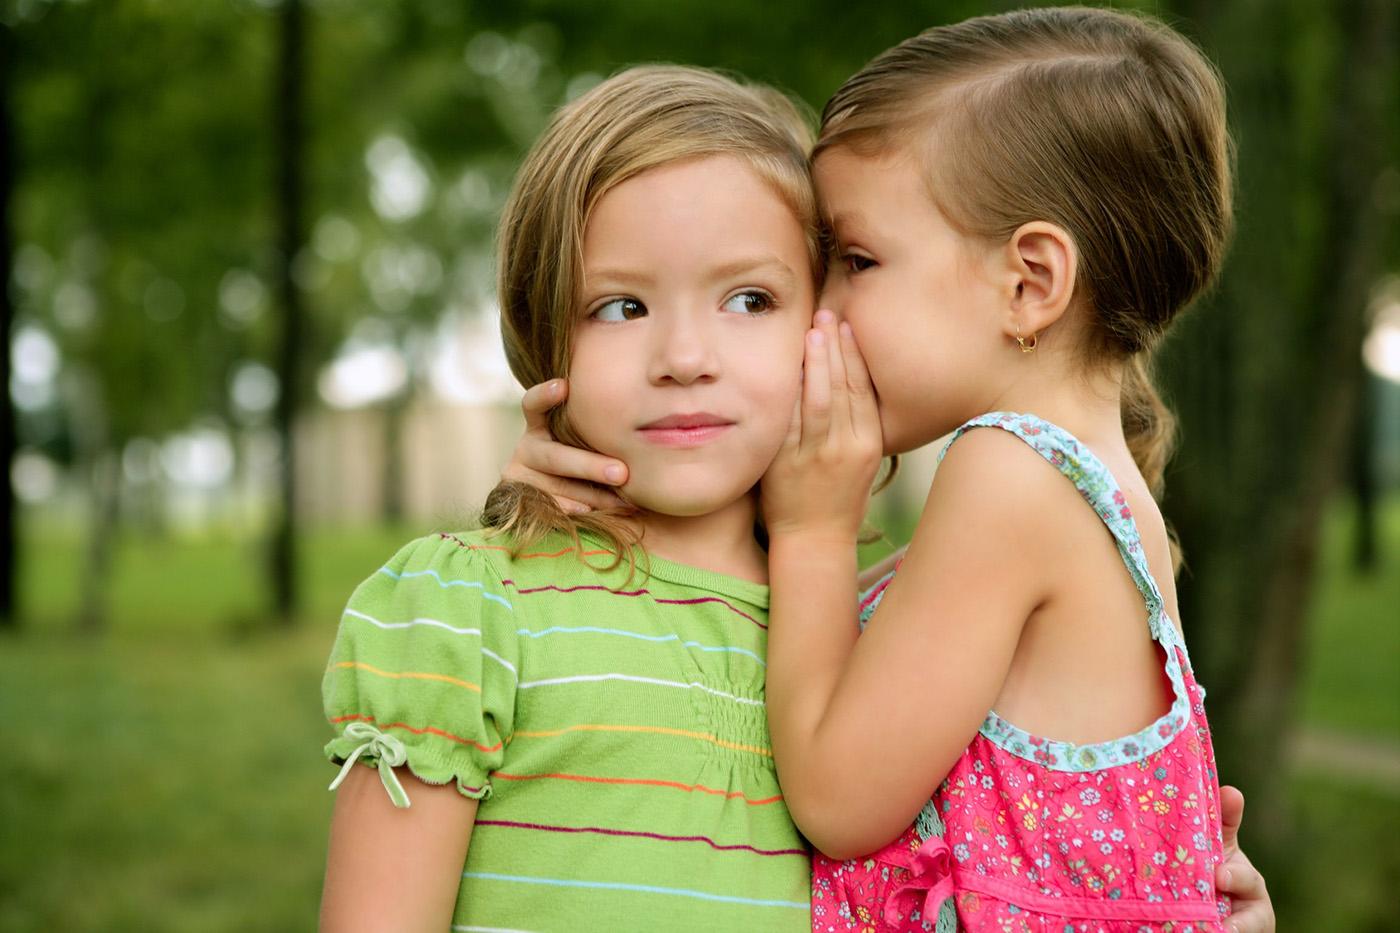 f6c4f2d108de7 صور اطفال بنات صغيرة مواليد في خلفيات بنات بجودة HD